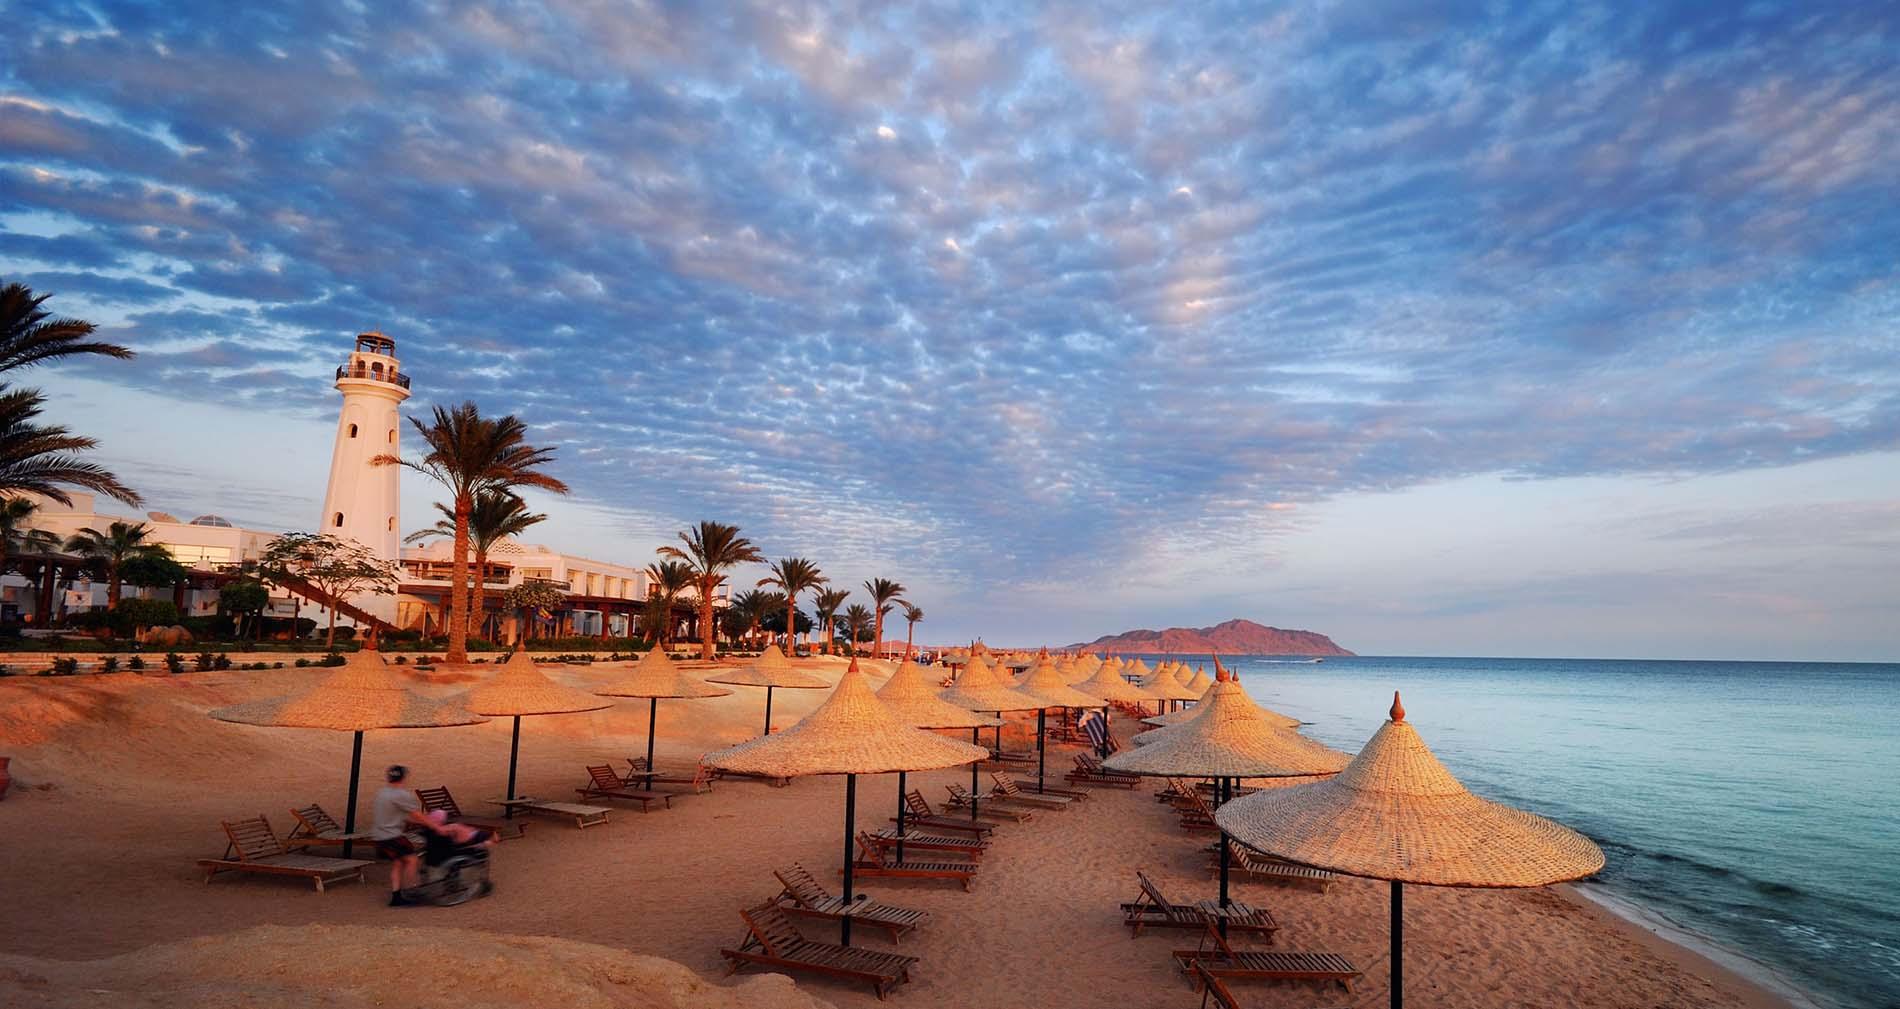 когда откроют египет для туристов 2016